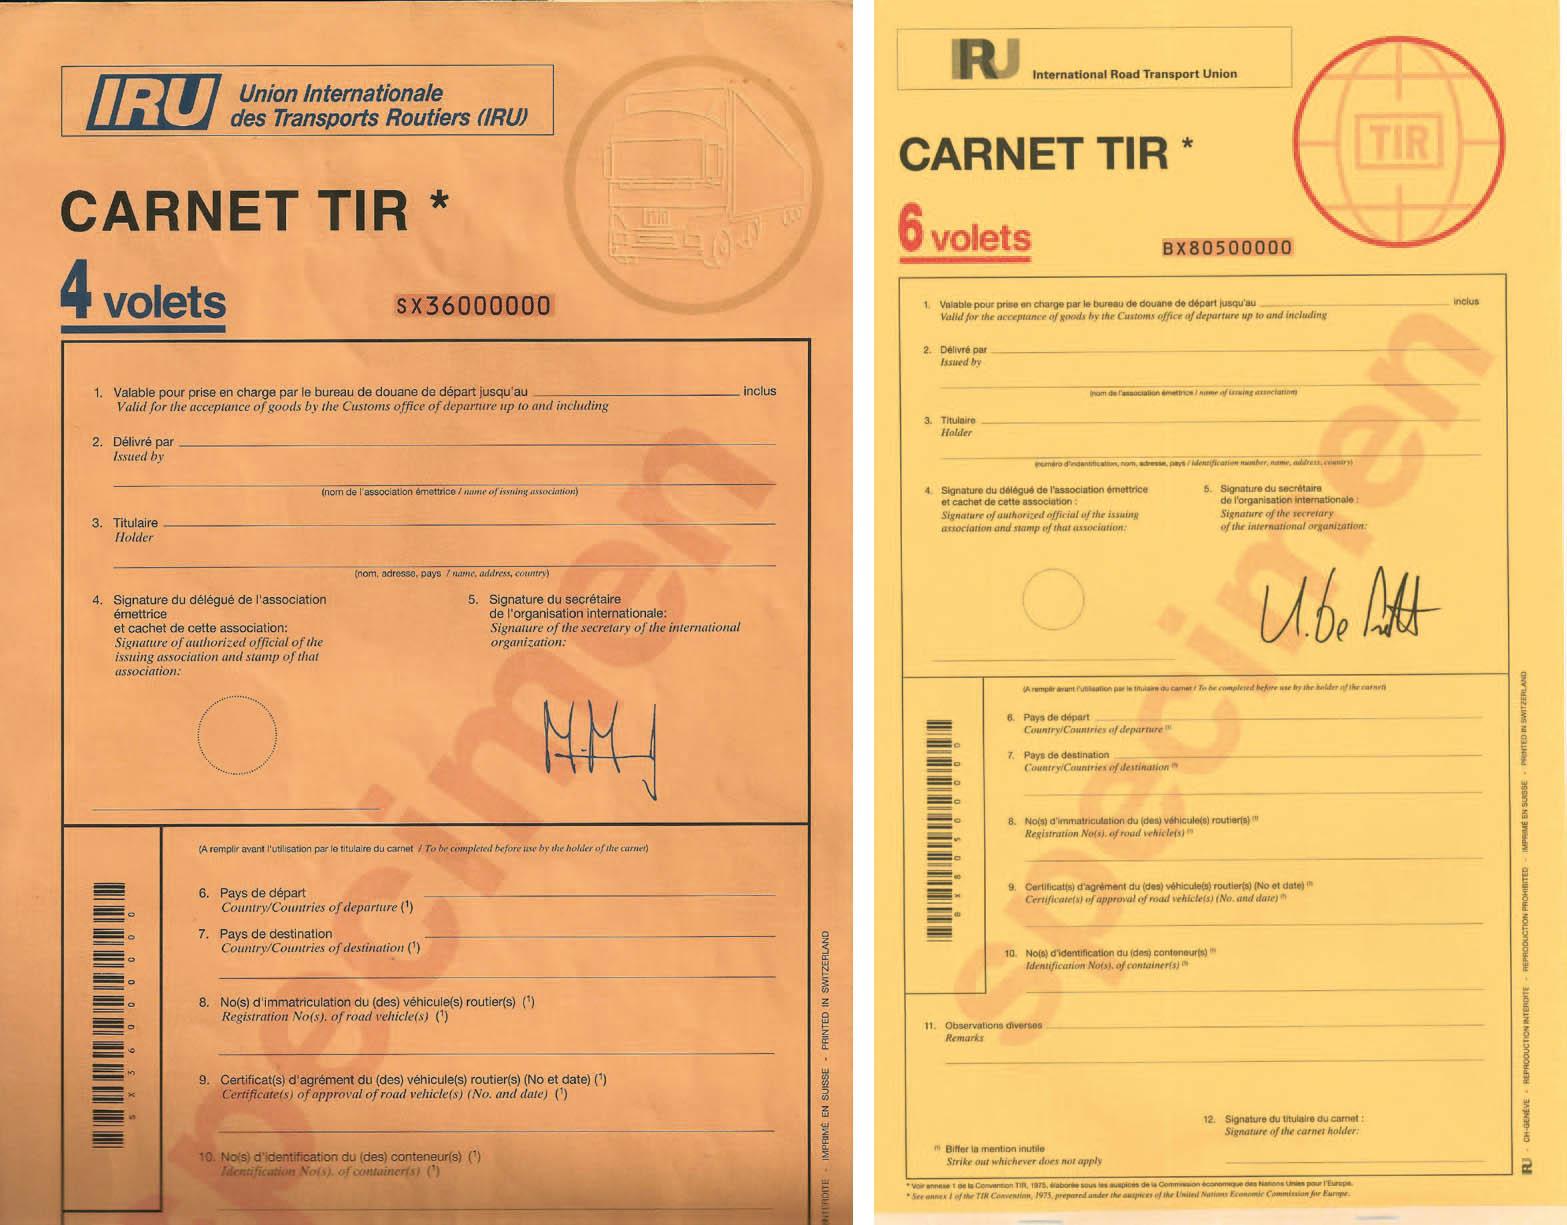 Původní verze karnetu TIR (vlevo) a nový karnet TIR platný od roku 2016